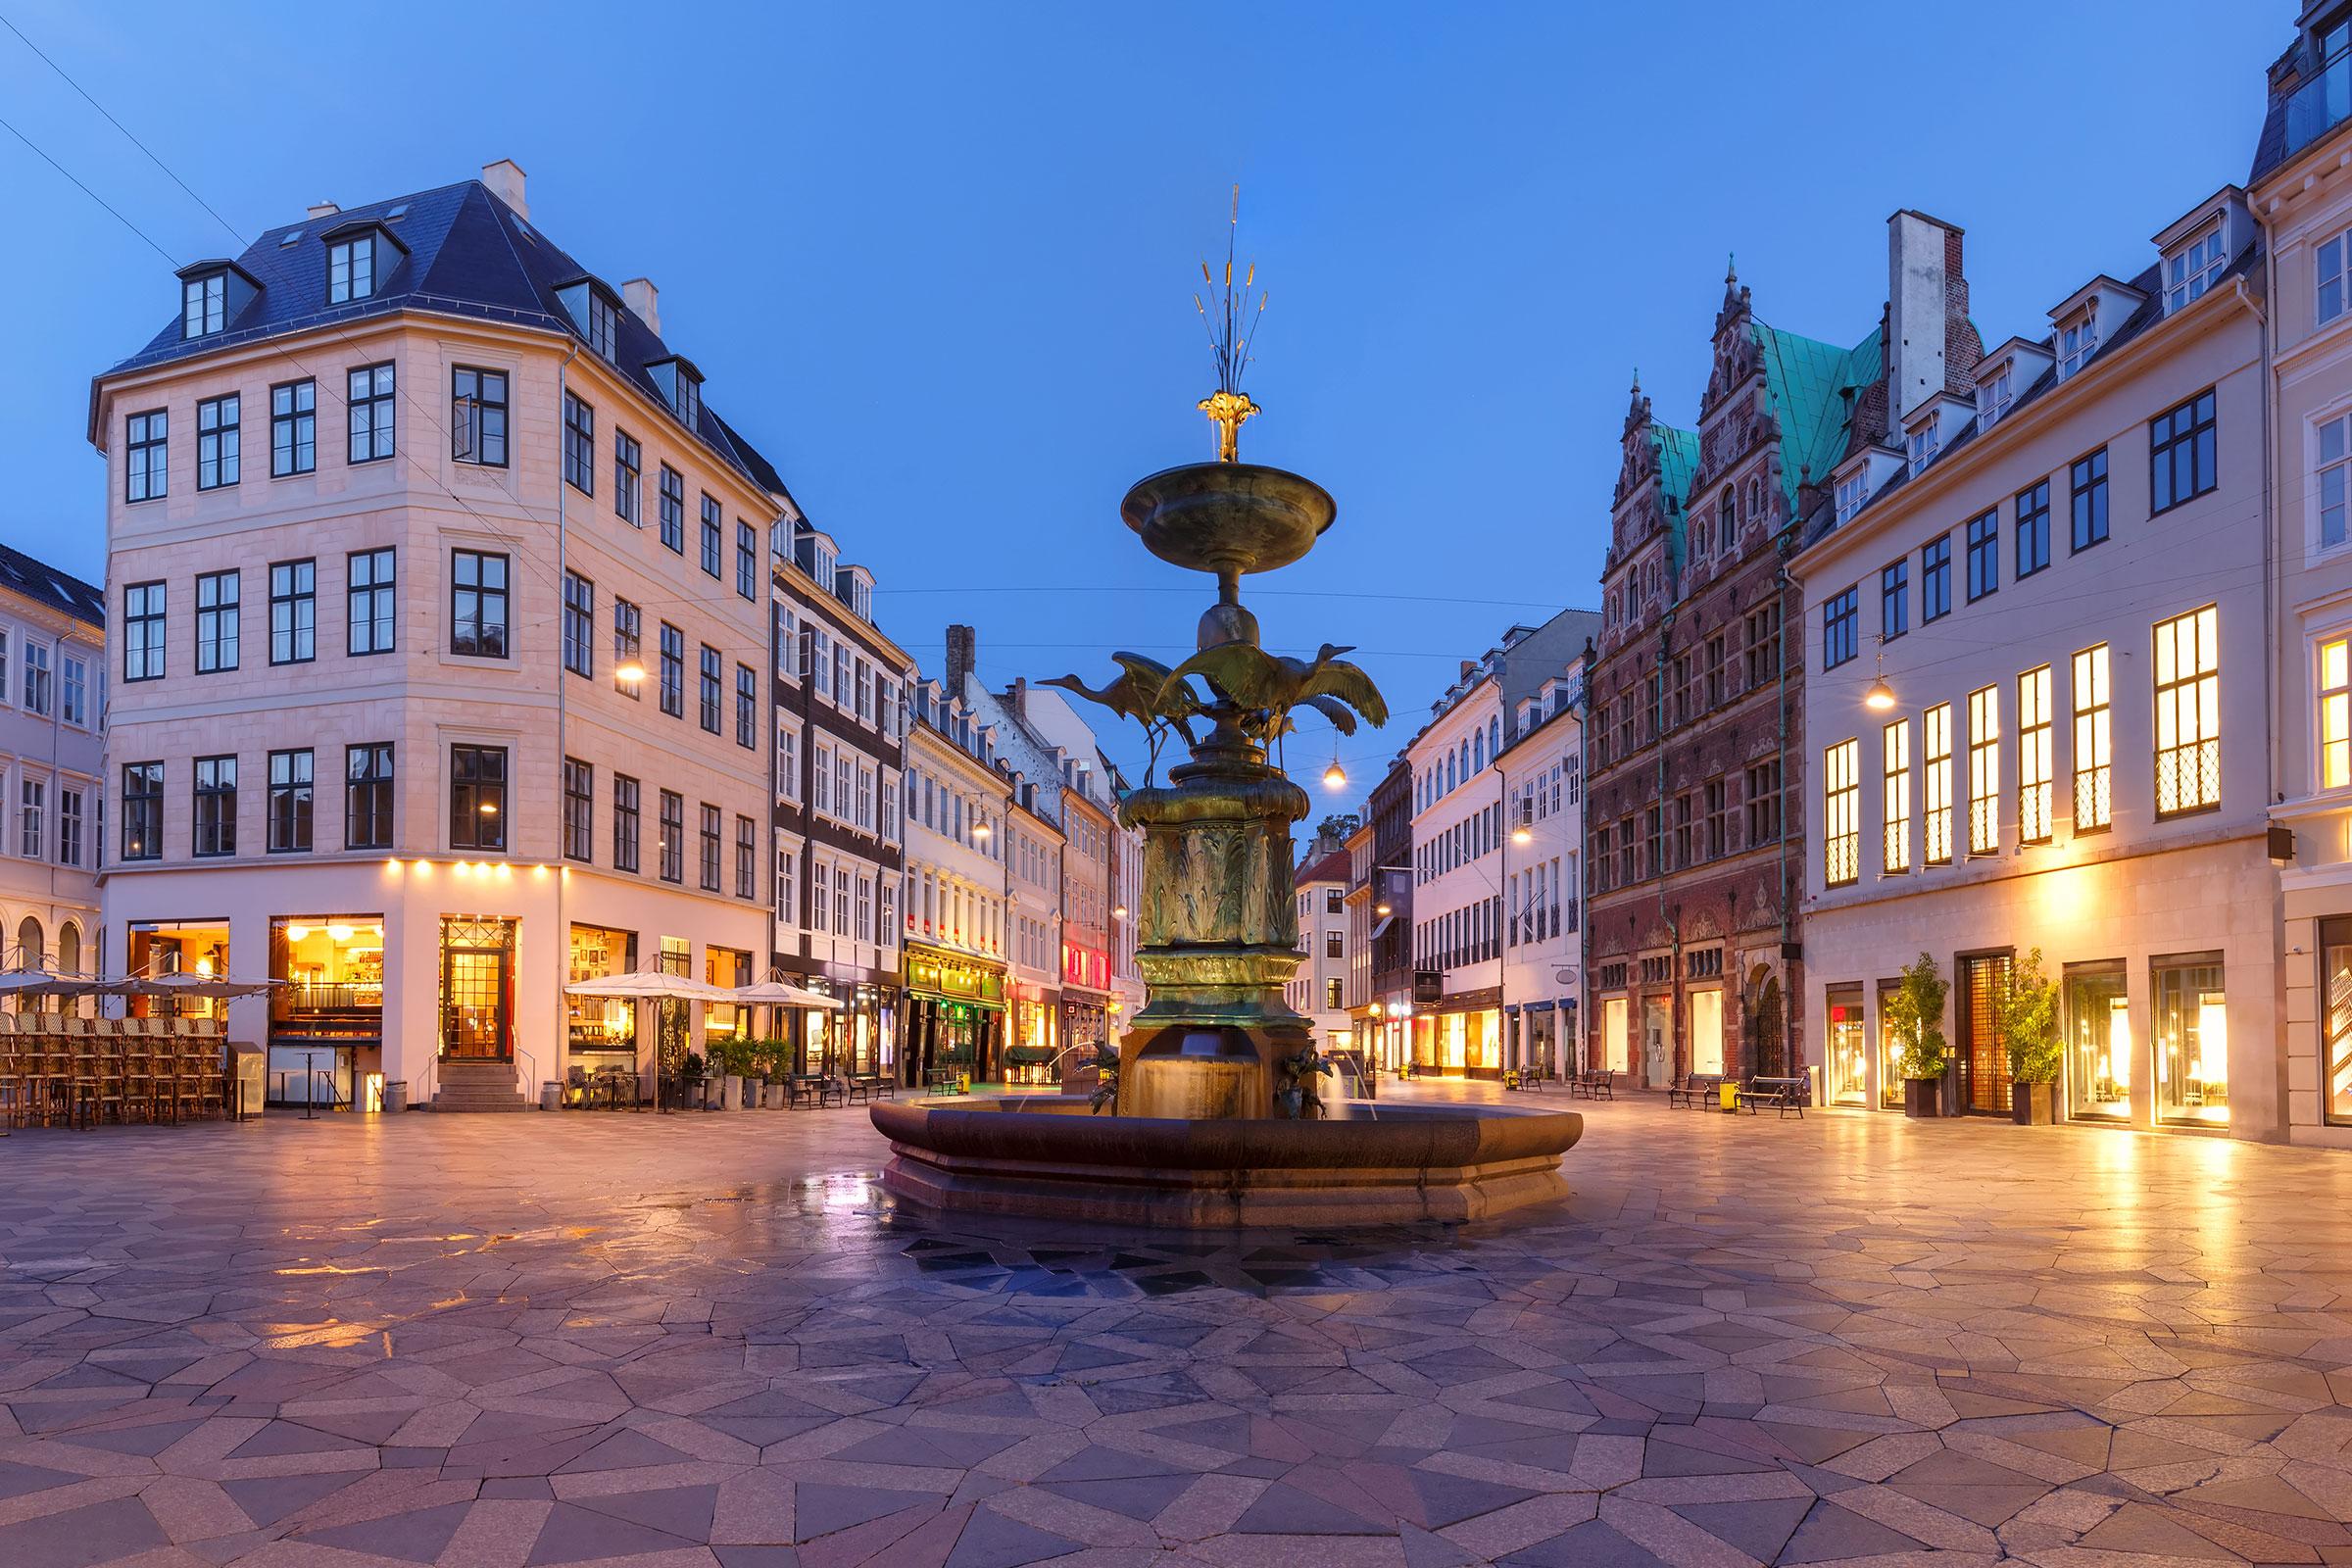 Stork Fountain on the Amagertorv square, Stroget street during morning blue hour, Copenhagen, capital of Denmark